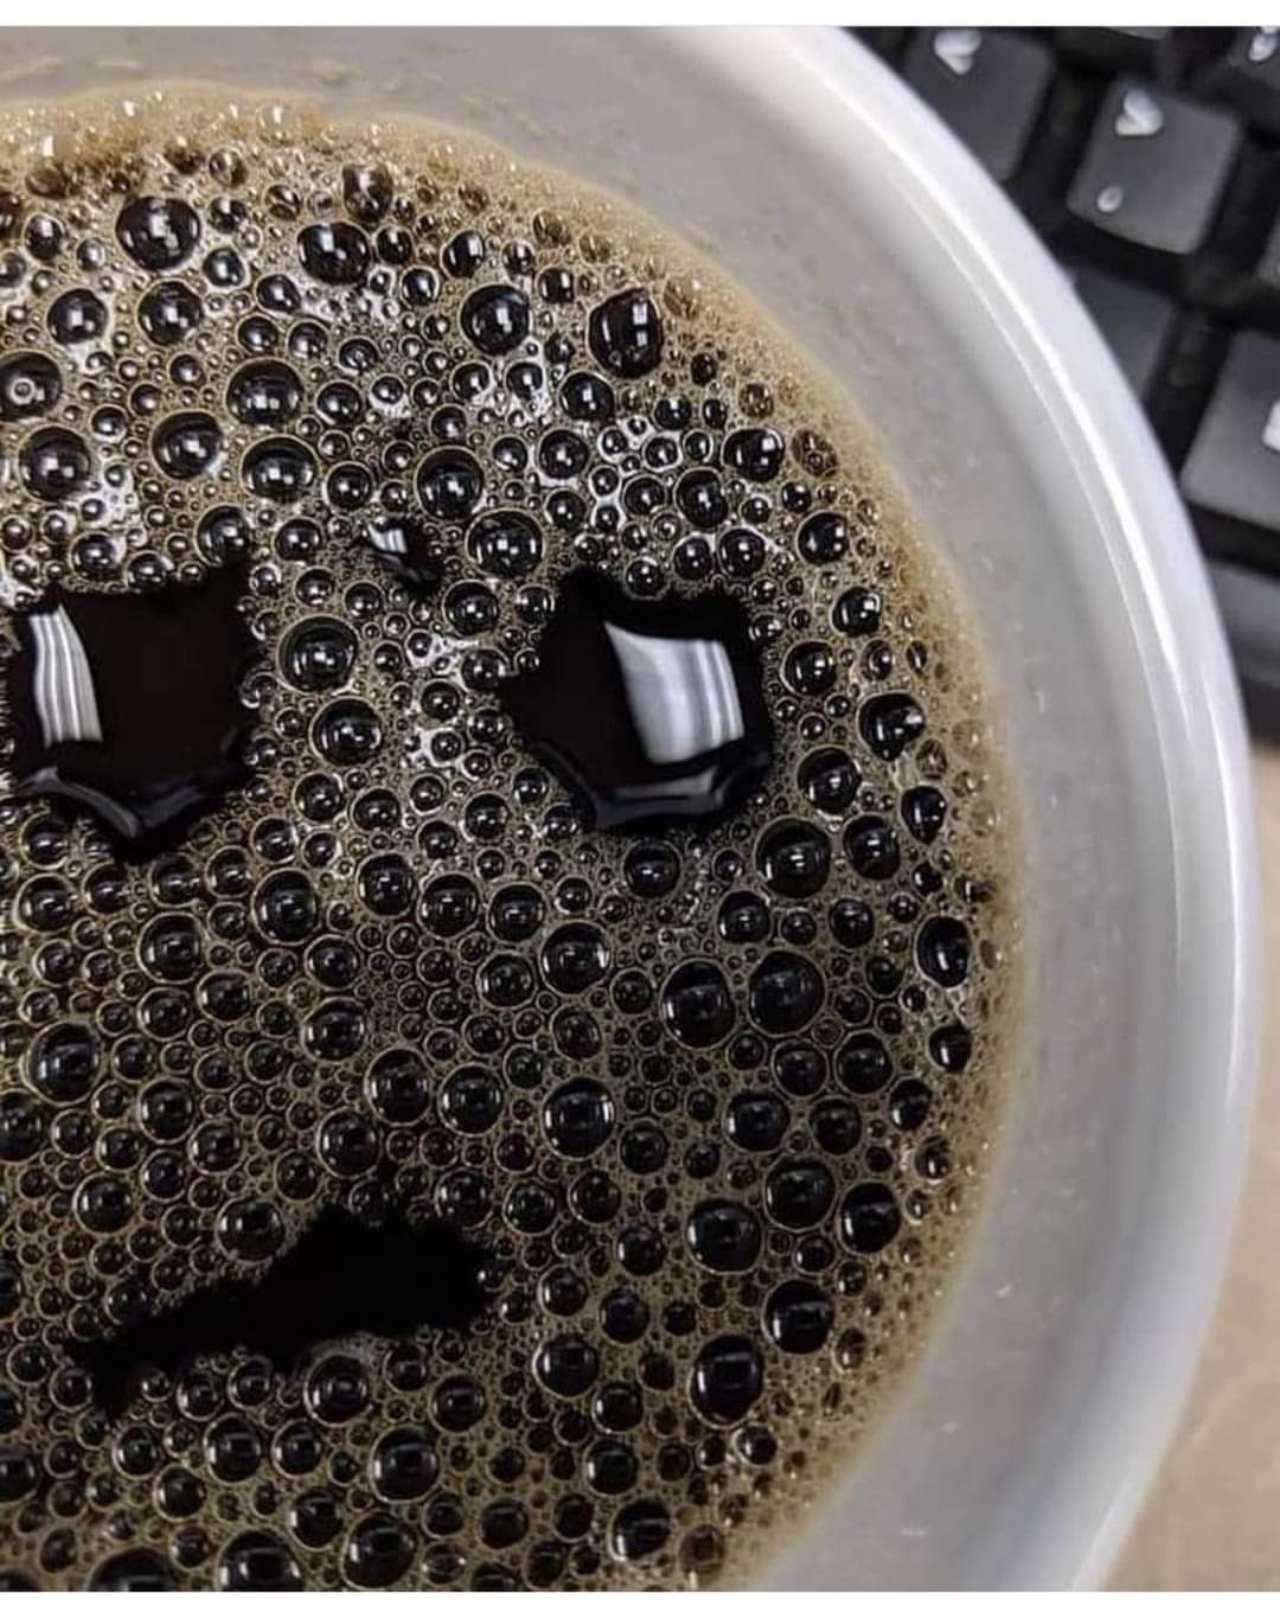 Meme Coca Cola triste rechazo Cristiano